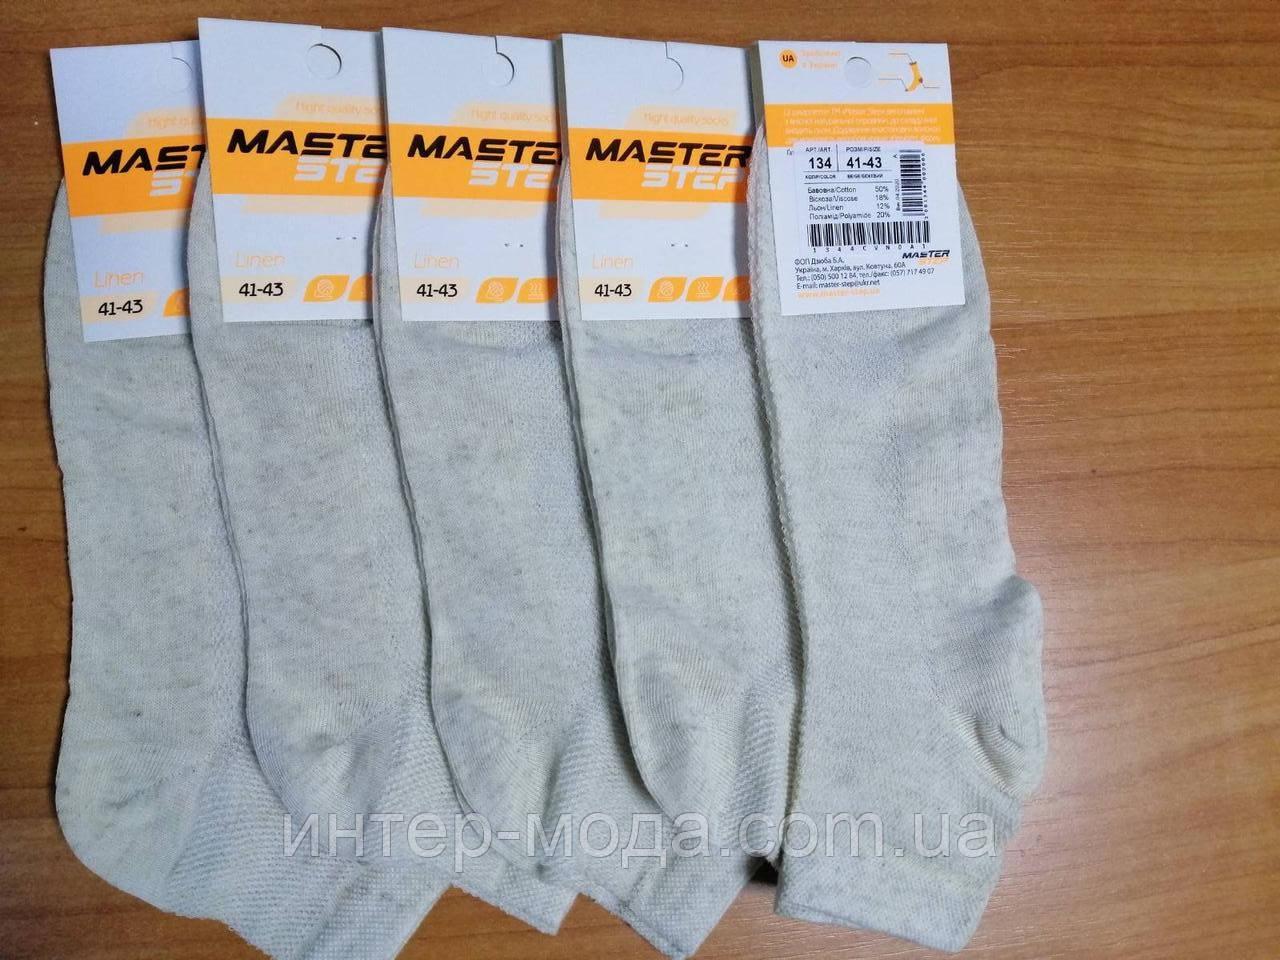 Мужские носки сетка. лен. ( р. 41-43 ) арт. 134